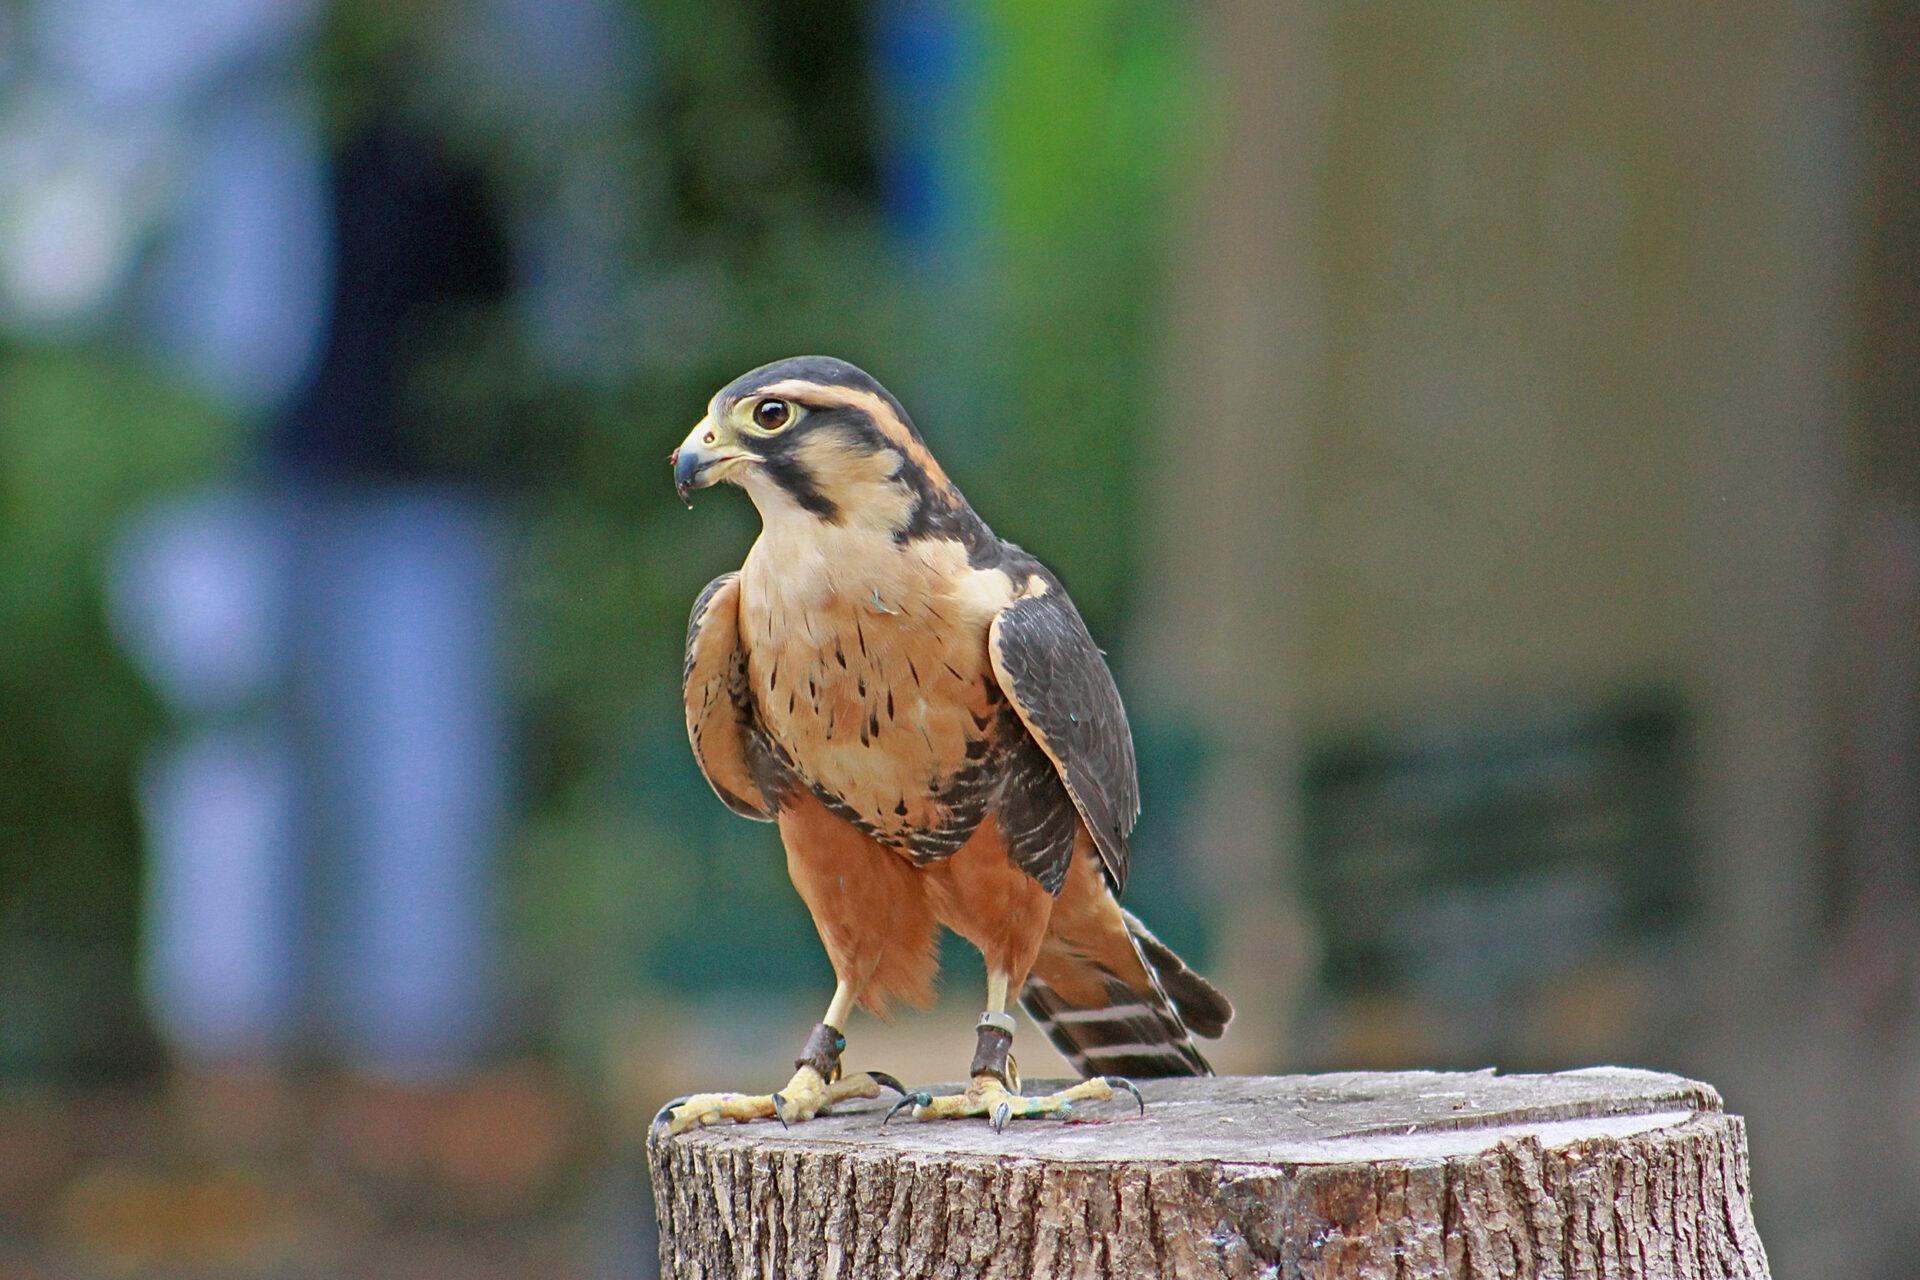 Lola the Aplomado Falcon at the Woodland Park Zoo, July 16, 2017